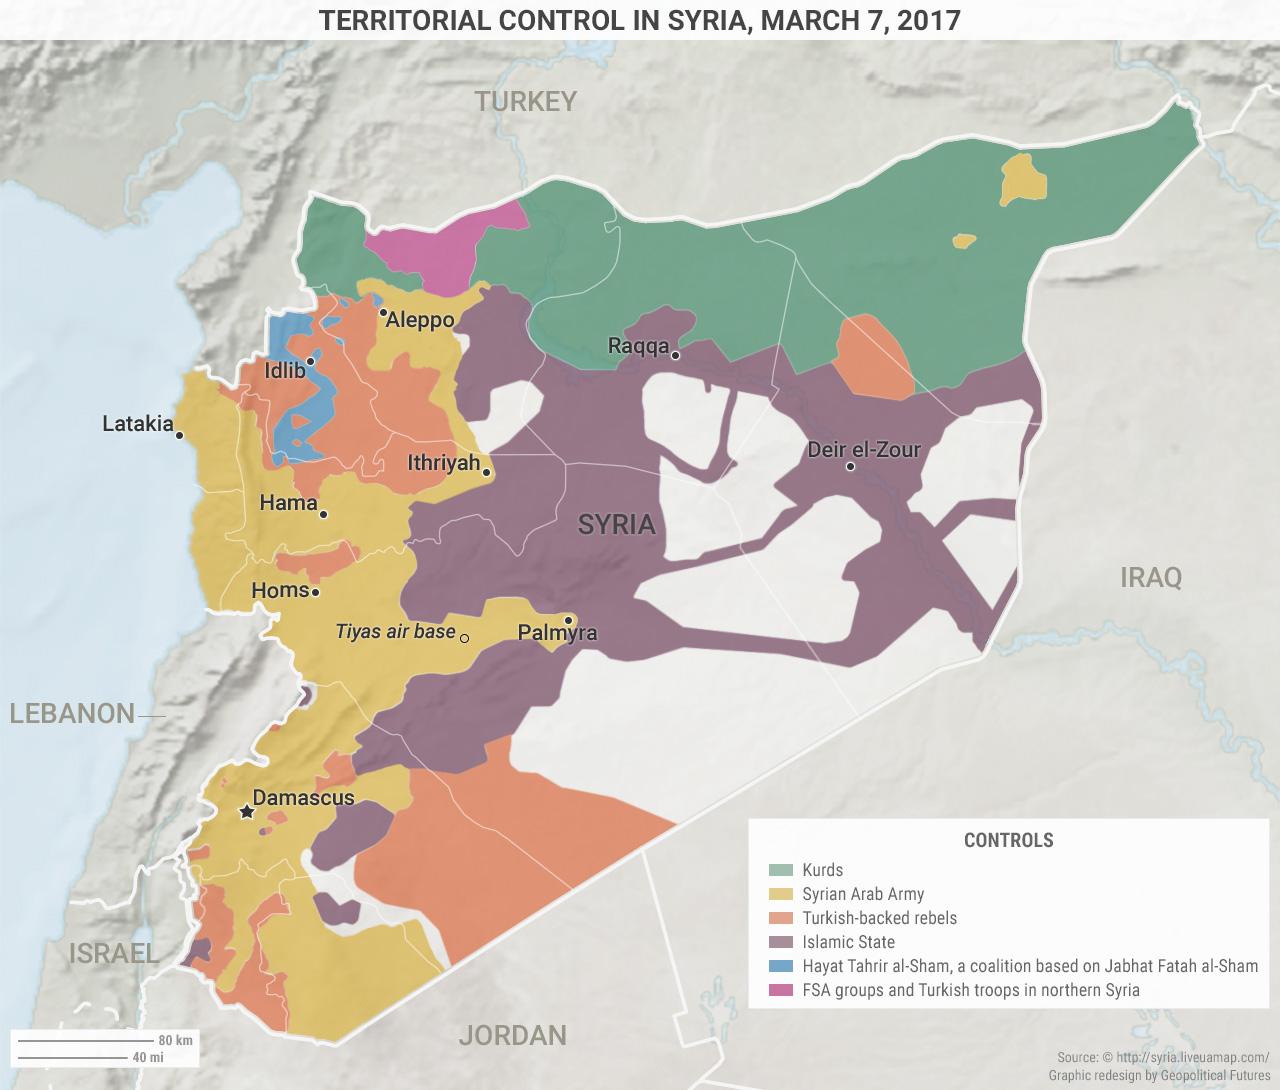 syria-territorial-control-03-07-2017